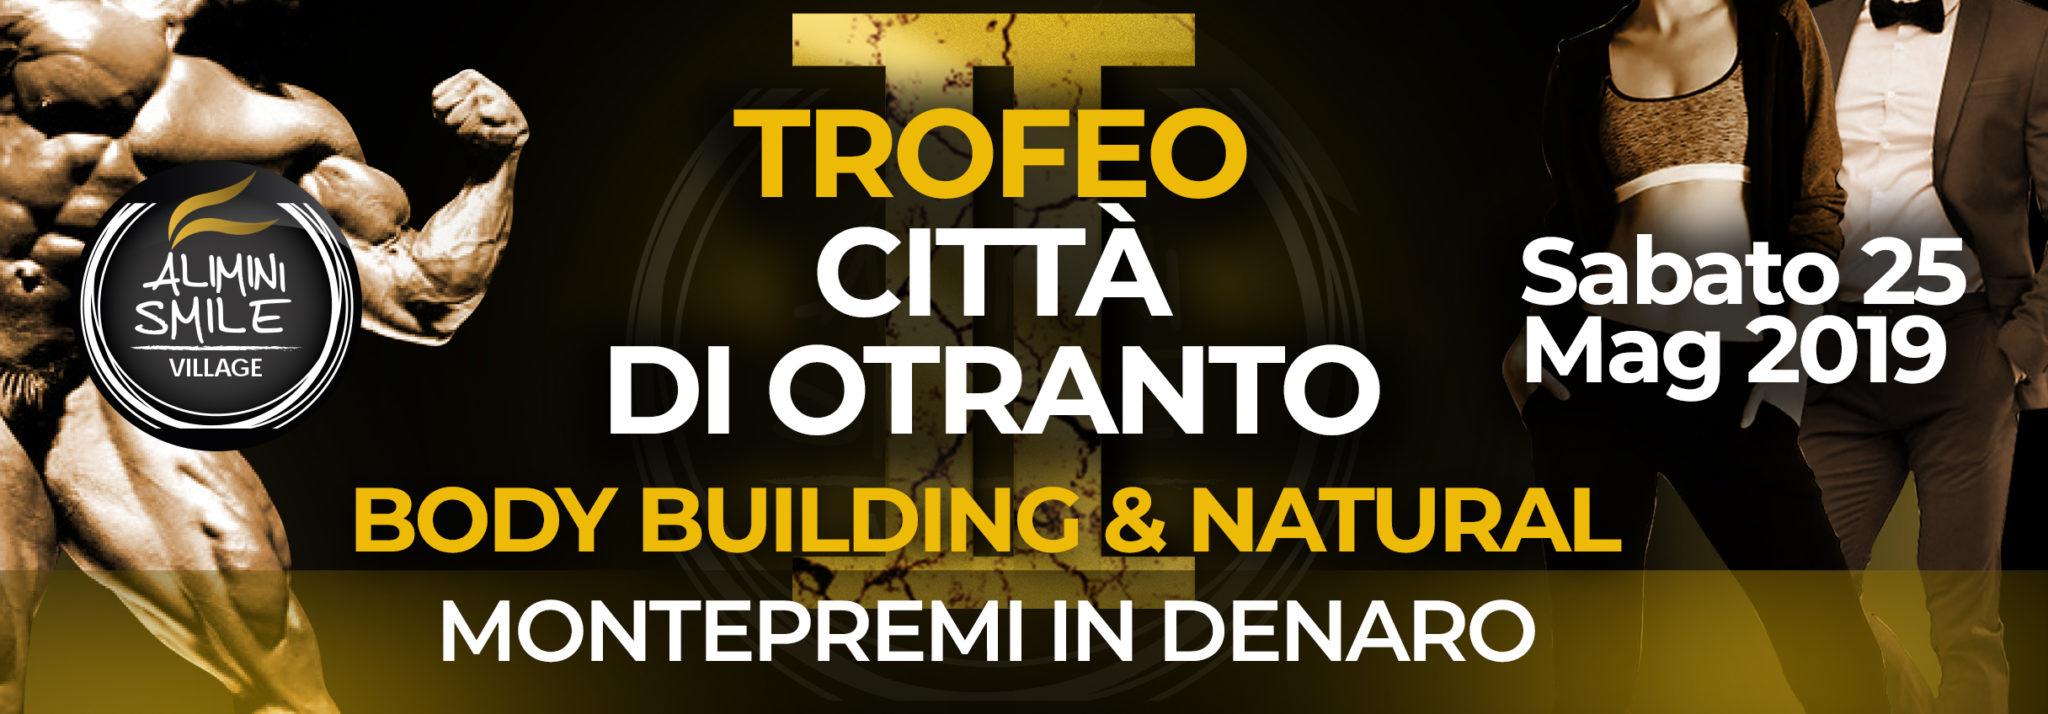 Trofeo Città di Otranto 2019